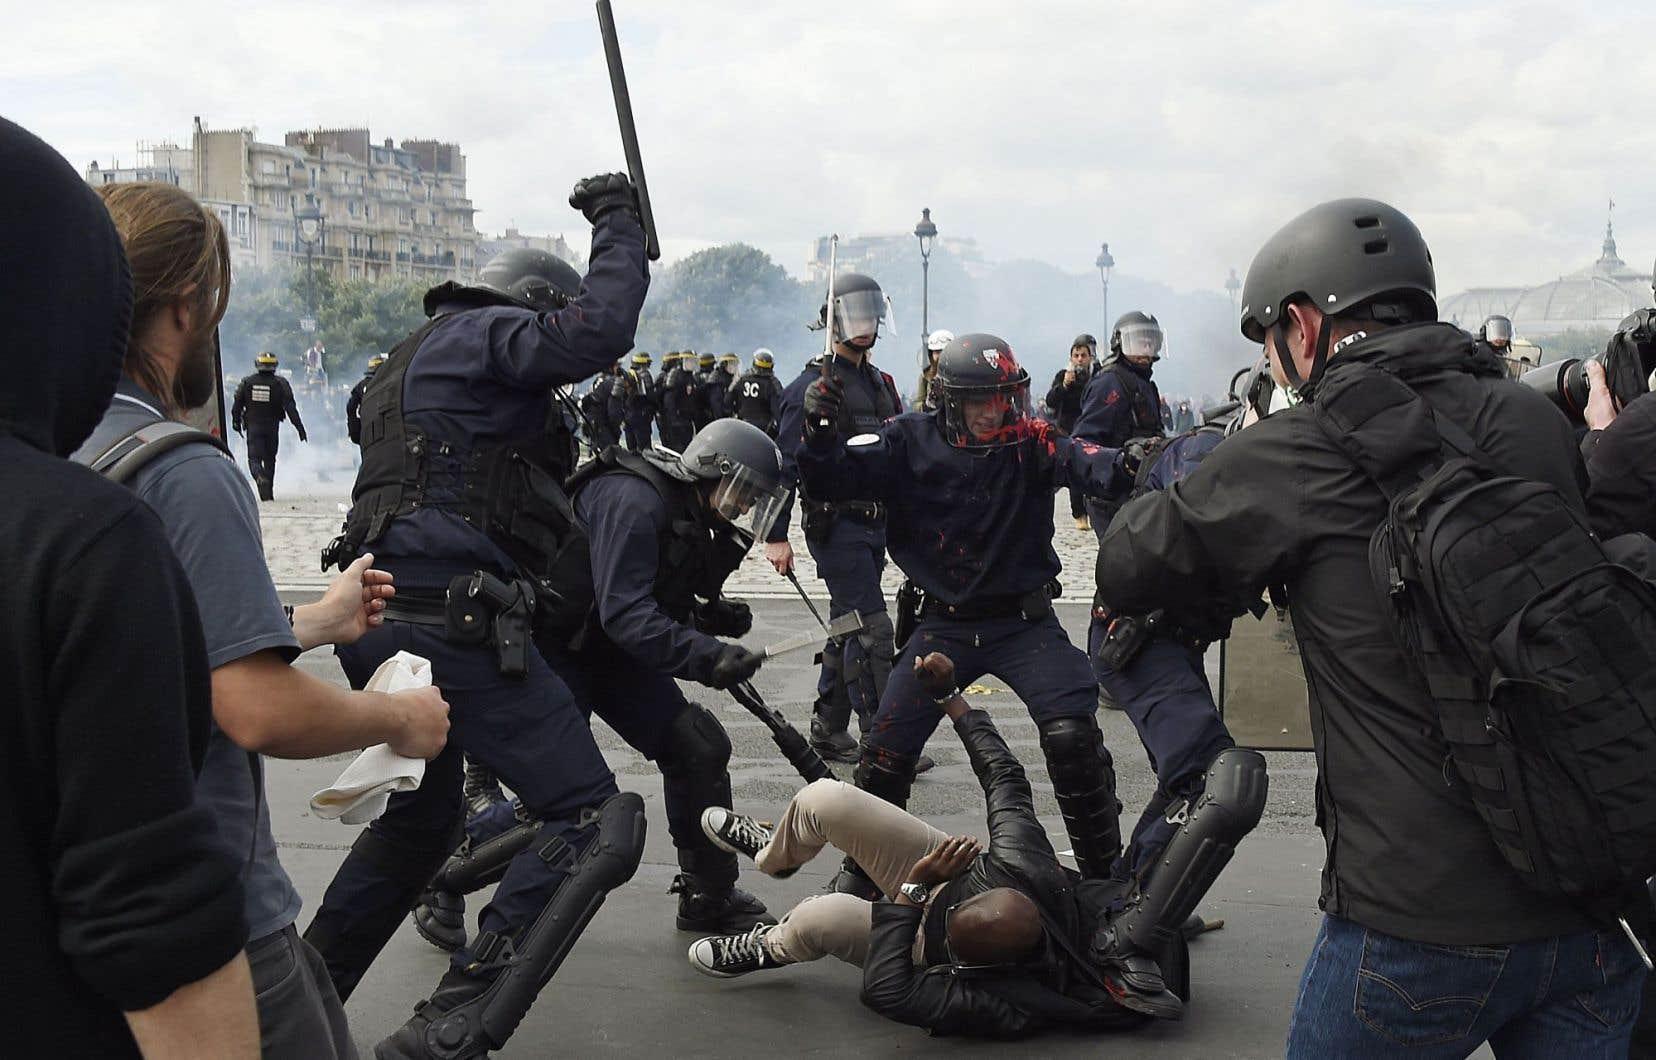 Des policiers s'en prennent à un manifestant près des Invalides. Selon un bilan encore provisoire, 42 personnes ont été interpellées et au moins 29 policiers et 11 manifestants ont été blessés.